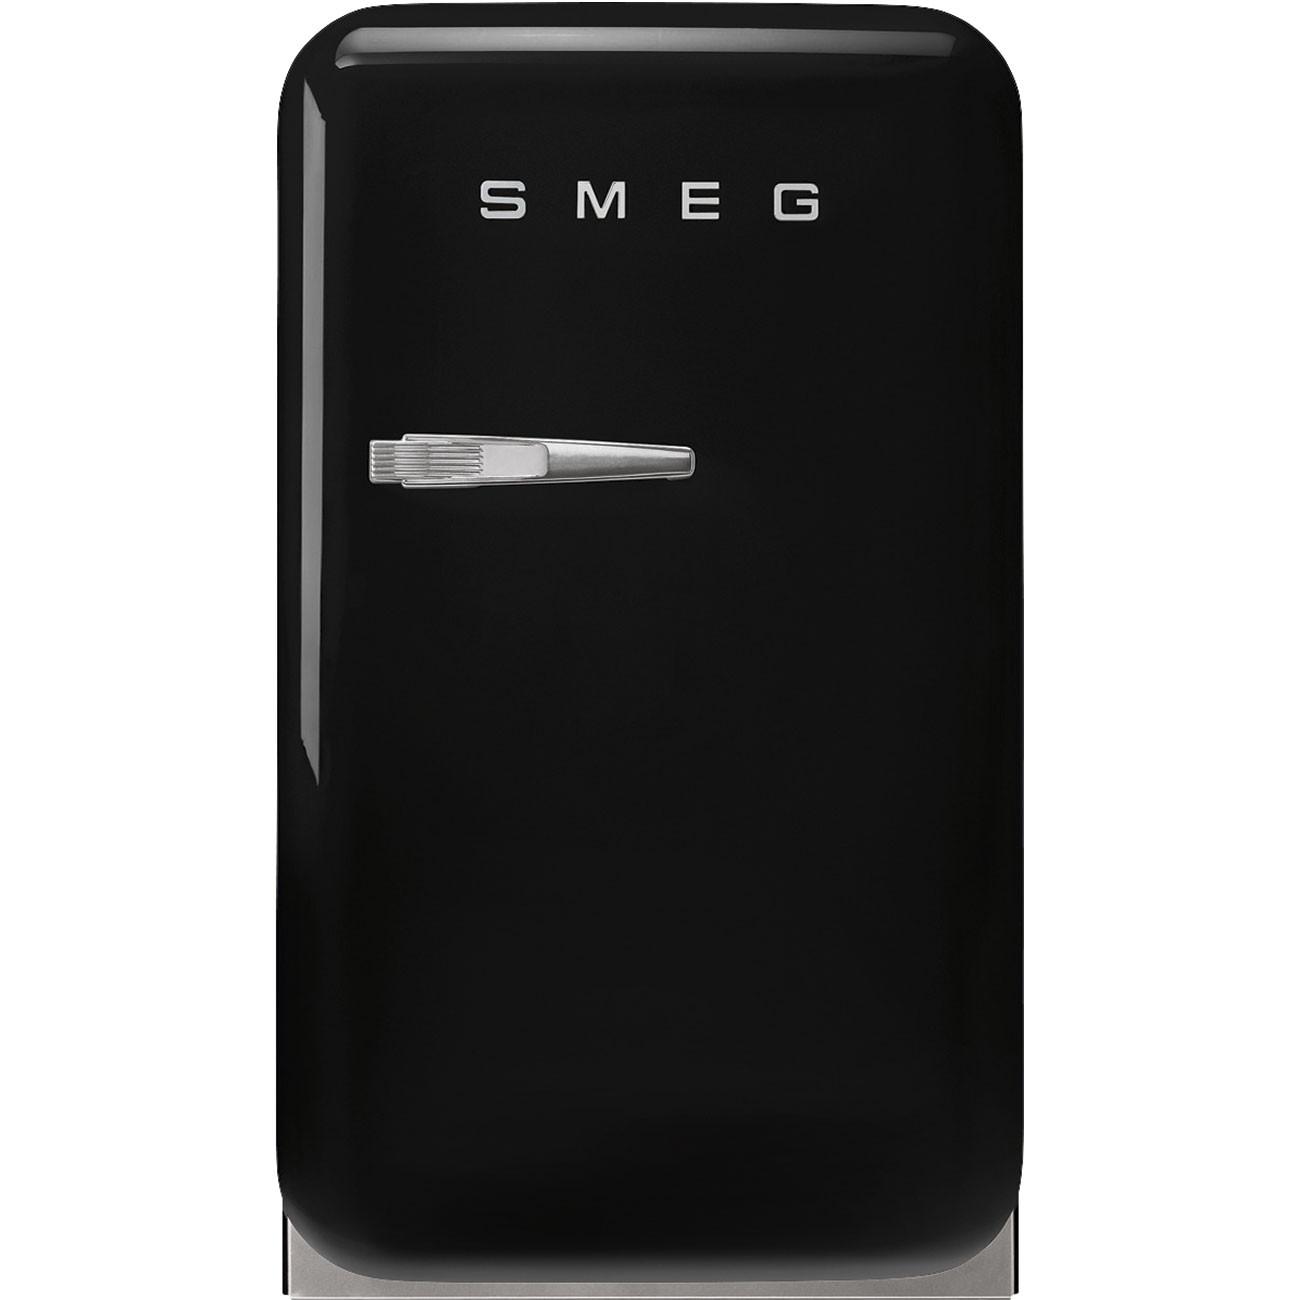 스메그 FAB5LCR5 냉장고 블랙 - 우측손잡이